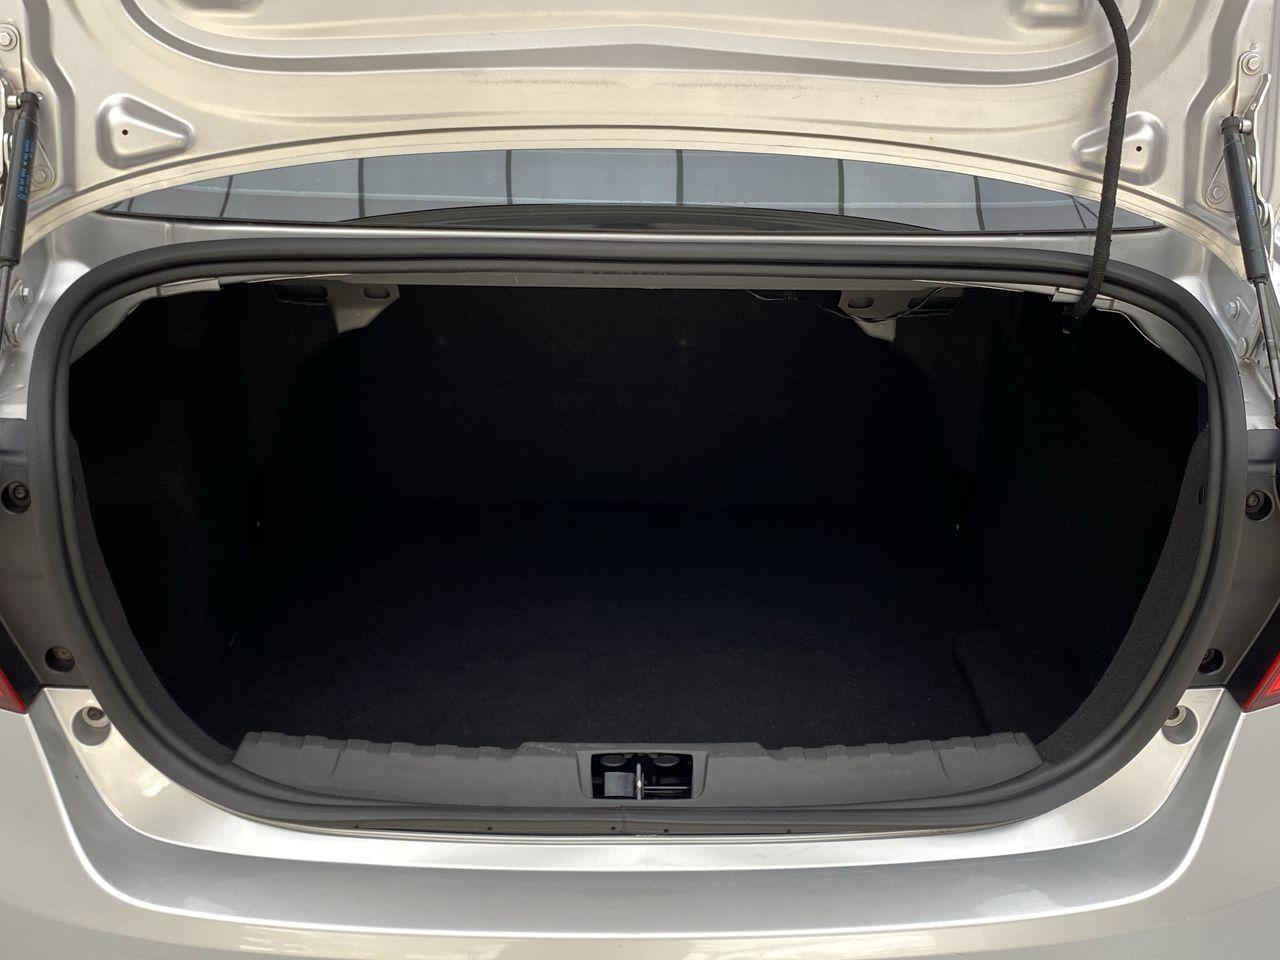 Ka+ Sedan 1.5 SE/SE PLUS 16V Flex 4p